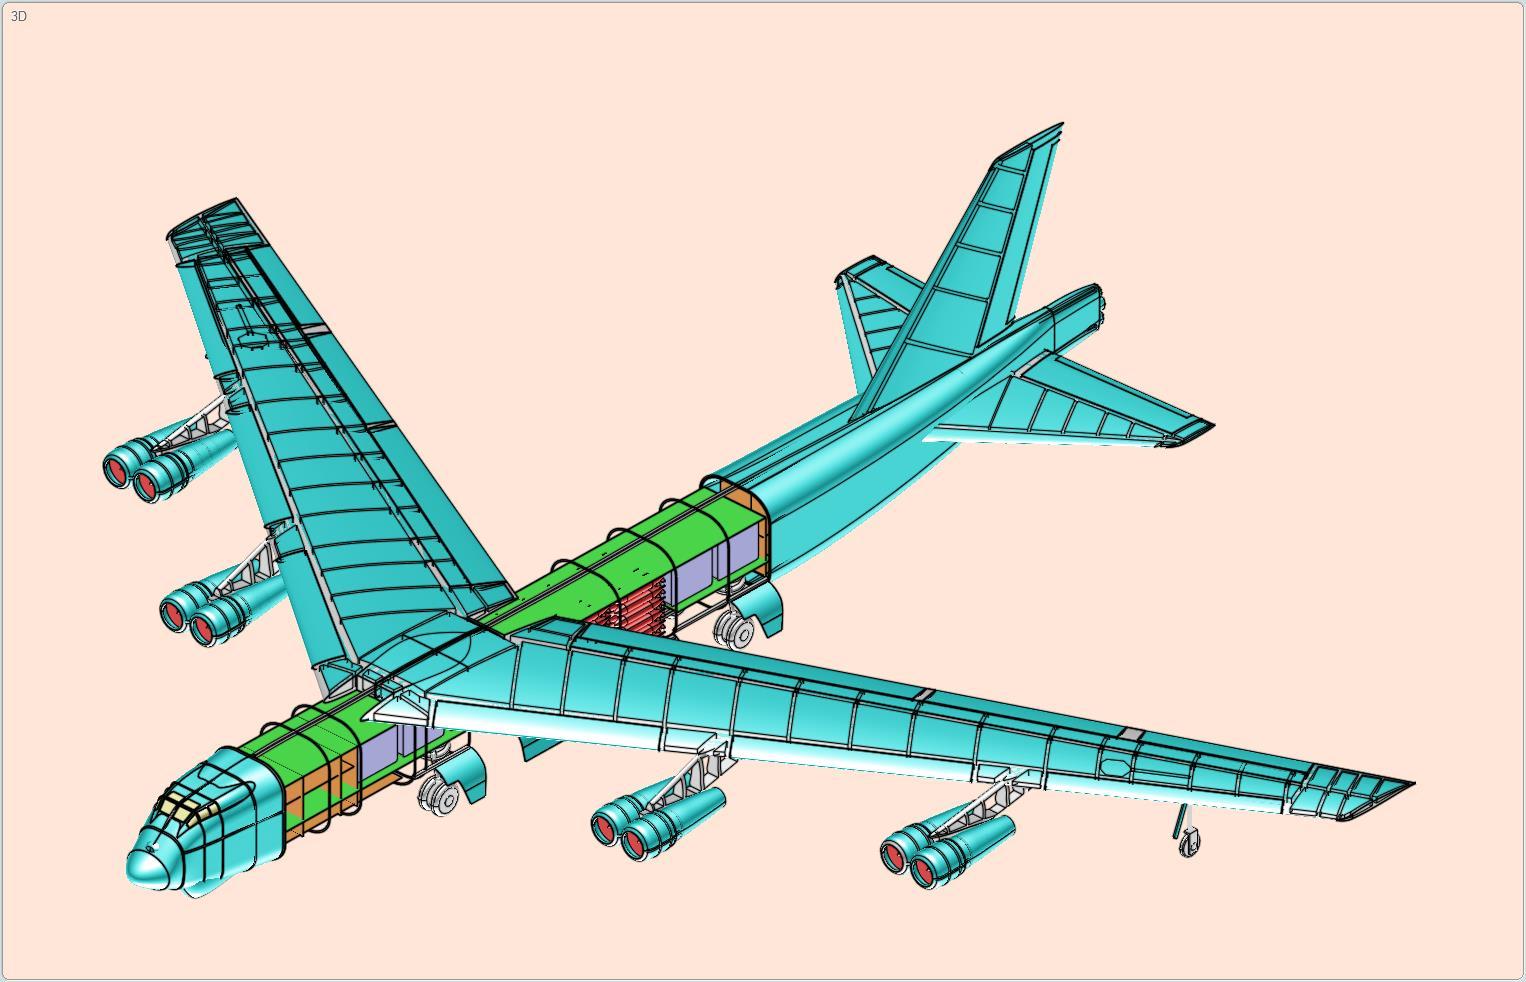 B-52轰炸机简易模型3D图纸 STP格式